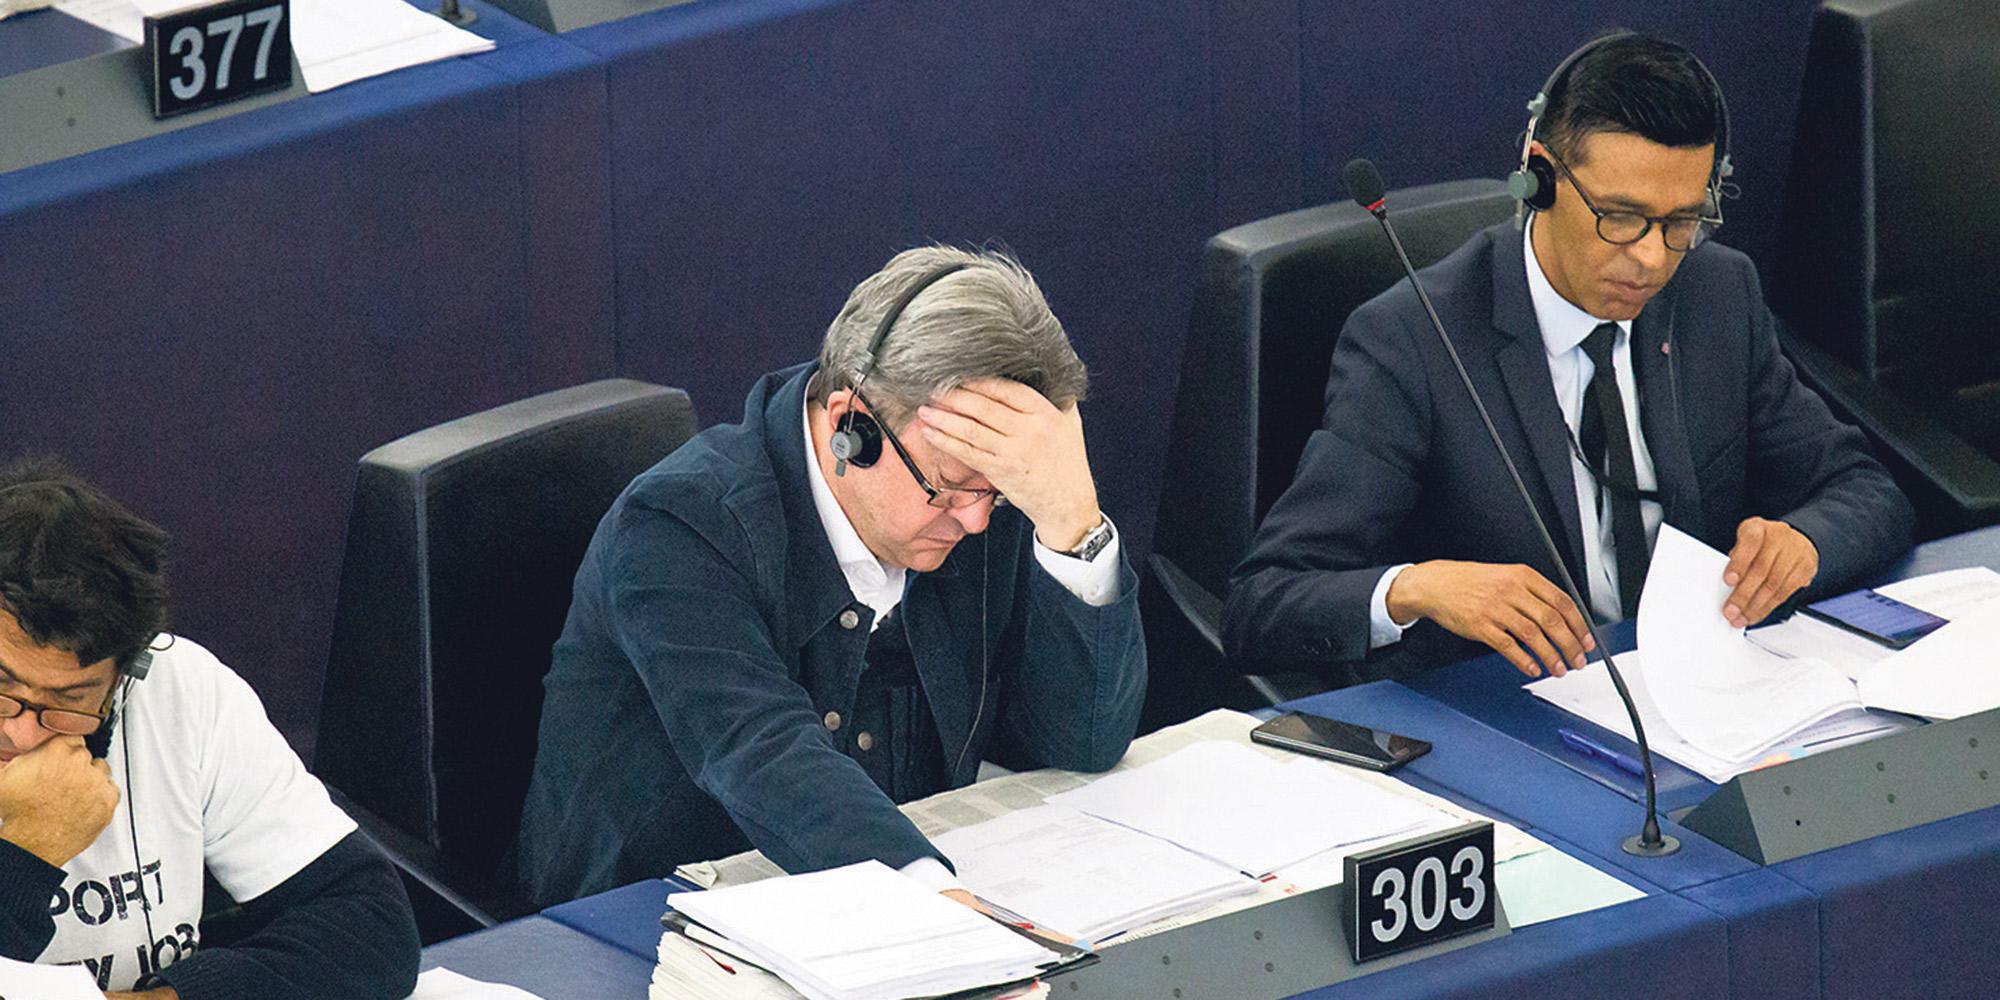 Les enquêtes judiciaires concernant Jean-Luc Mélenchon avancent à petits pas